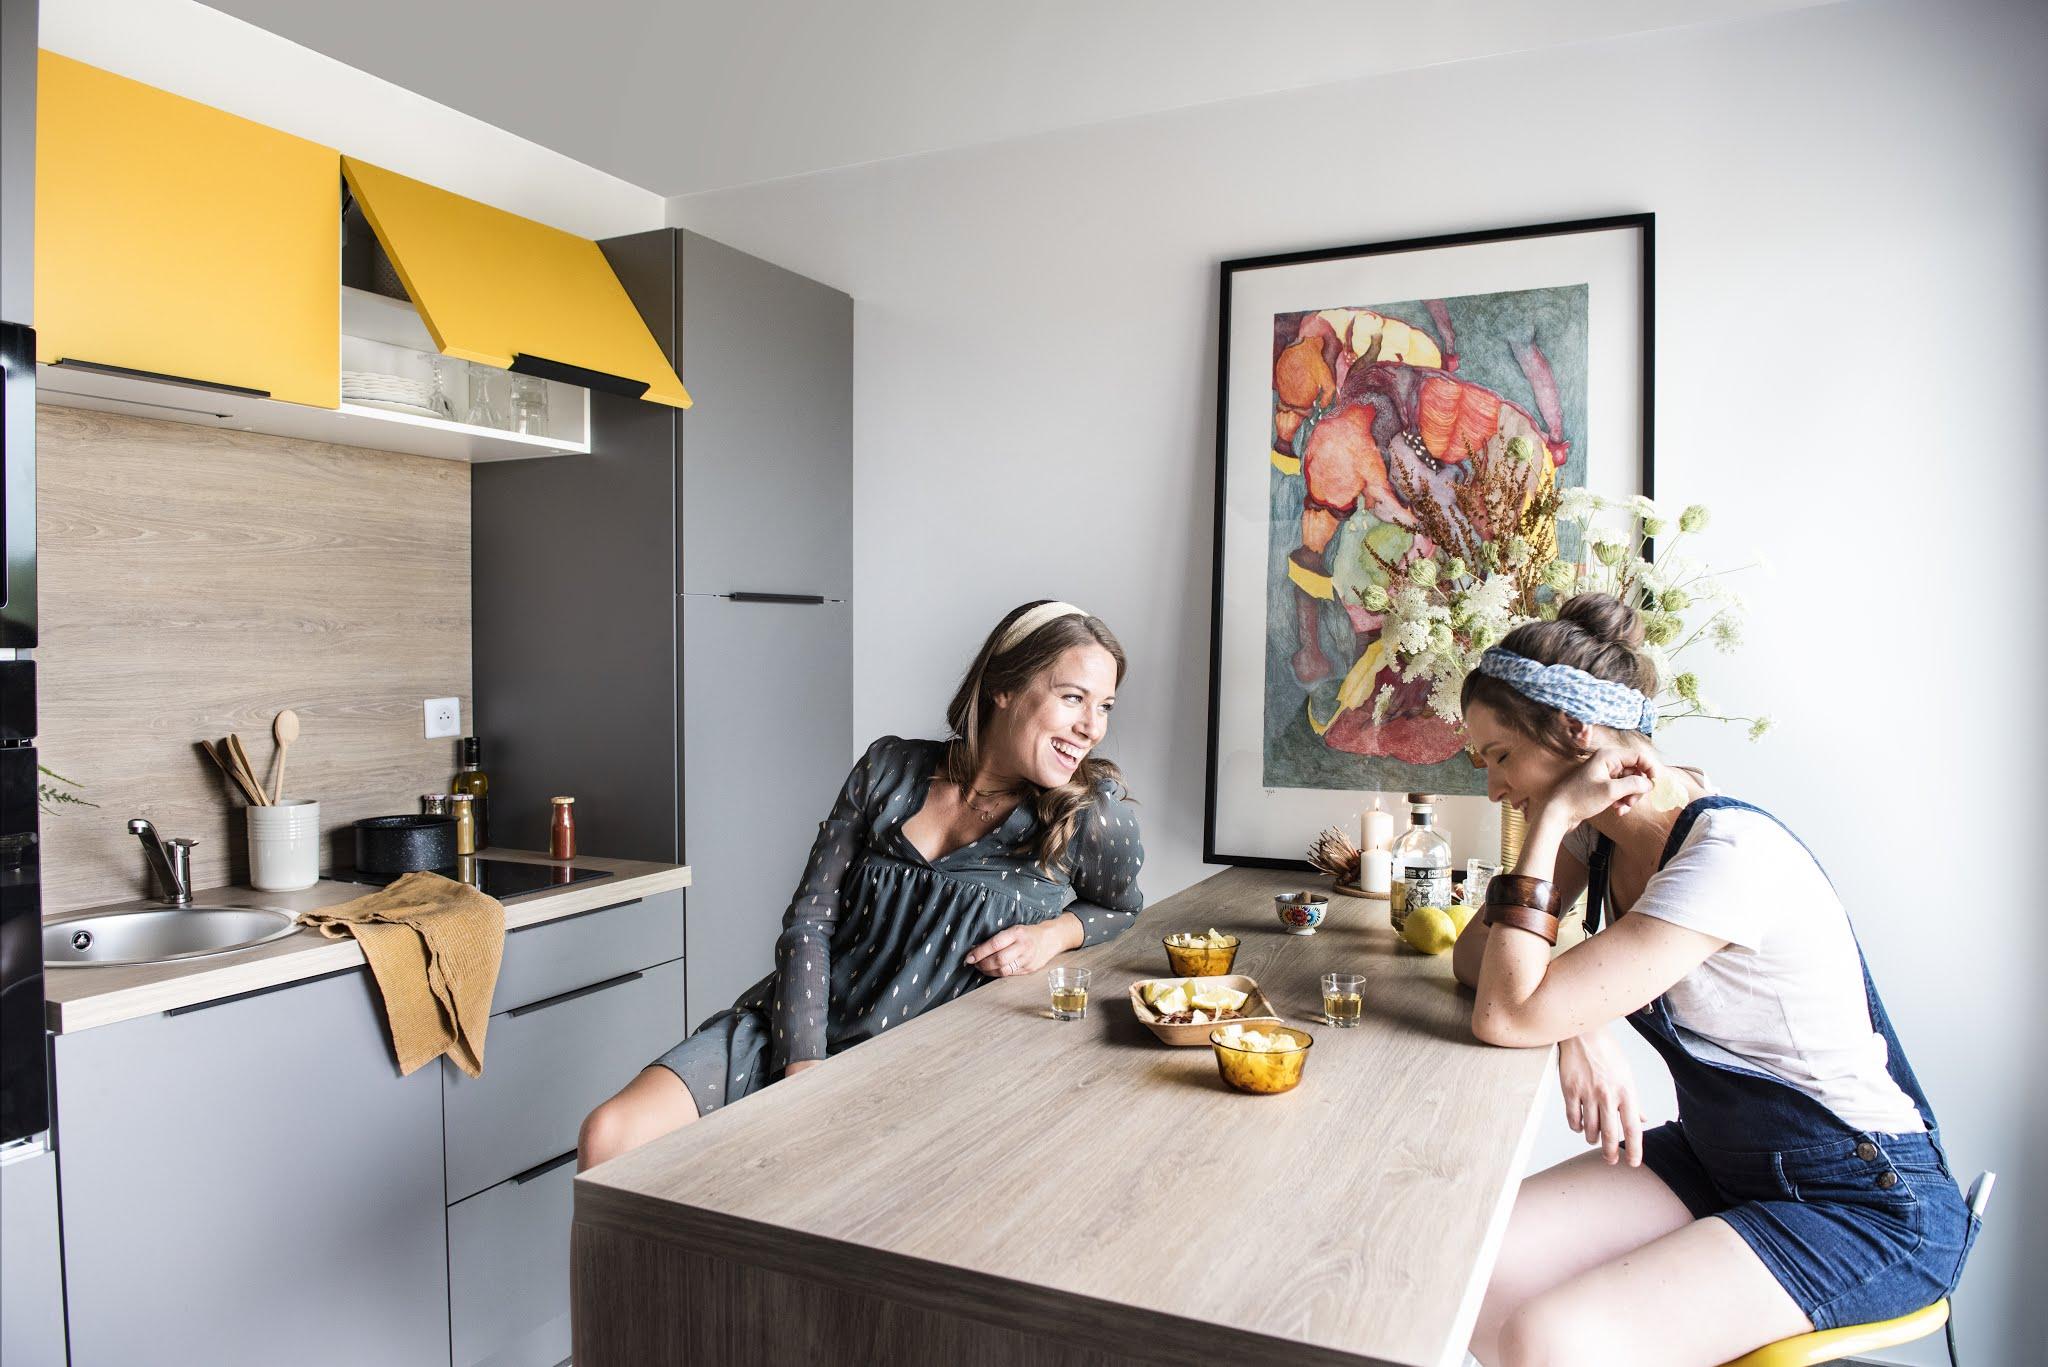 Petites Cuisines Sur Mesure comment aménager une petite cuisine - notre conseil   evoluti